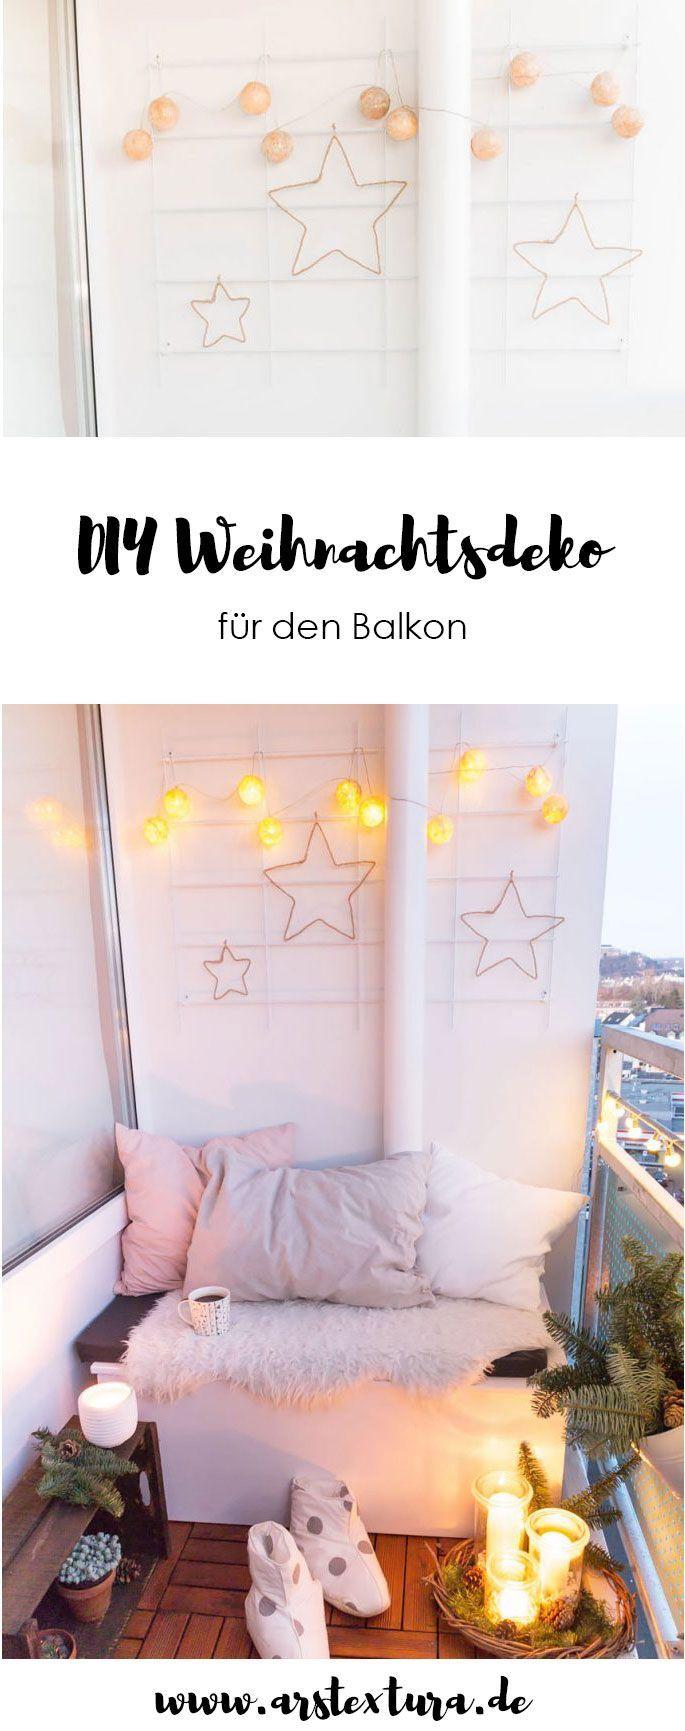 *5* Weihnachtsdeko für den Balkon #weihnachtsdekobalkon